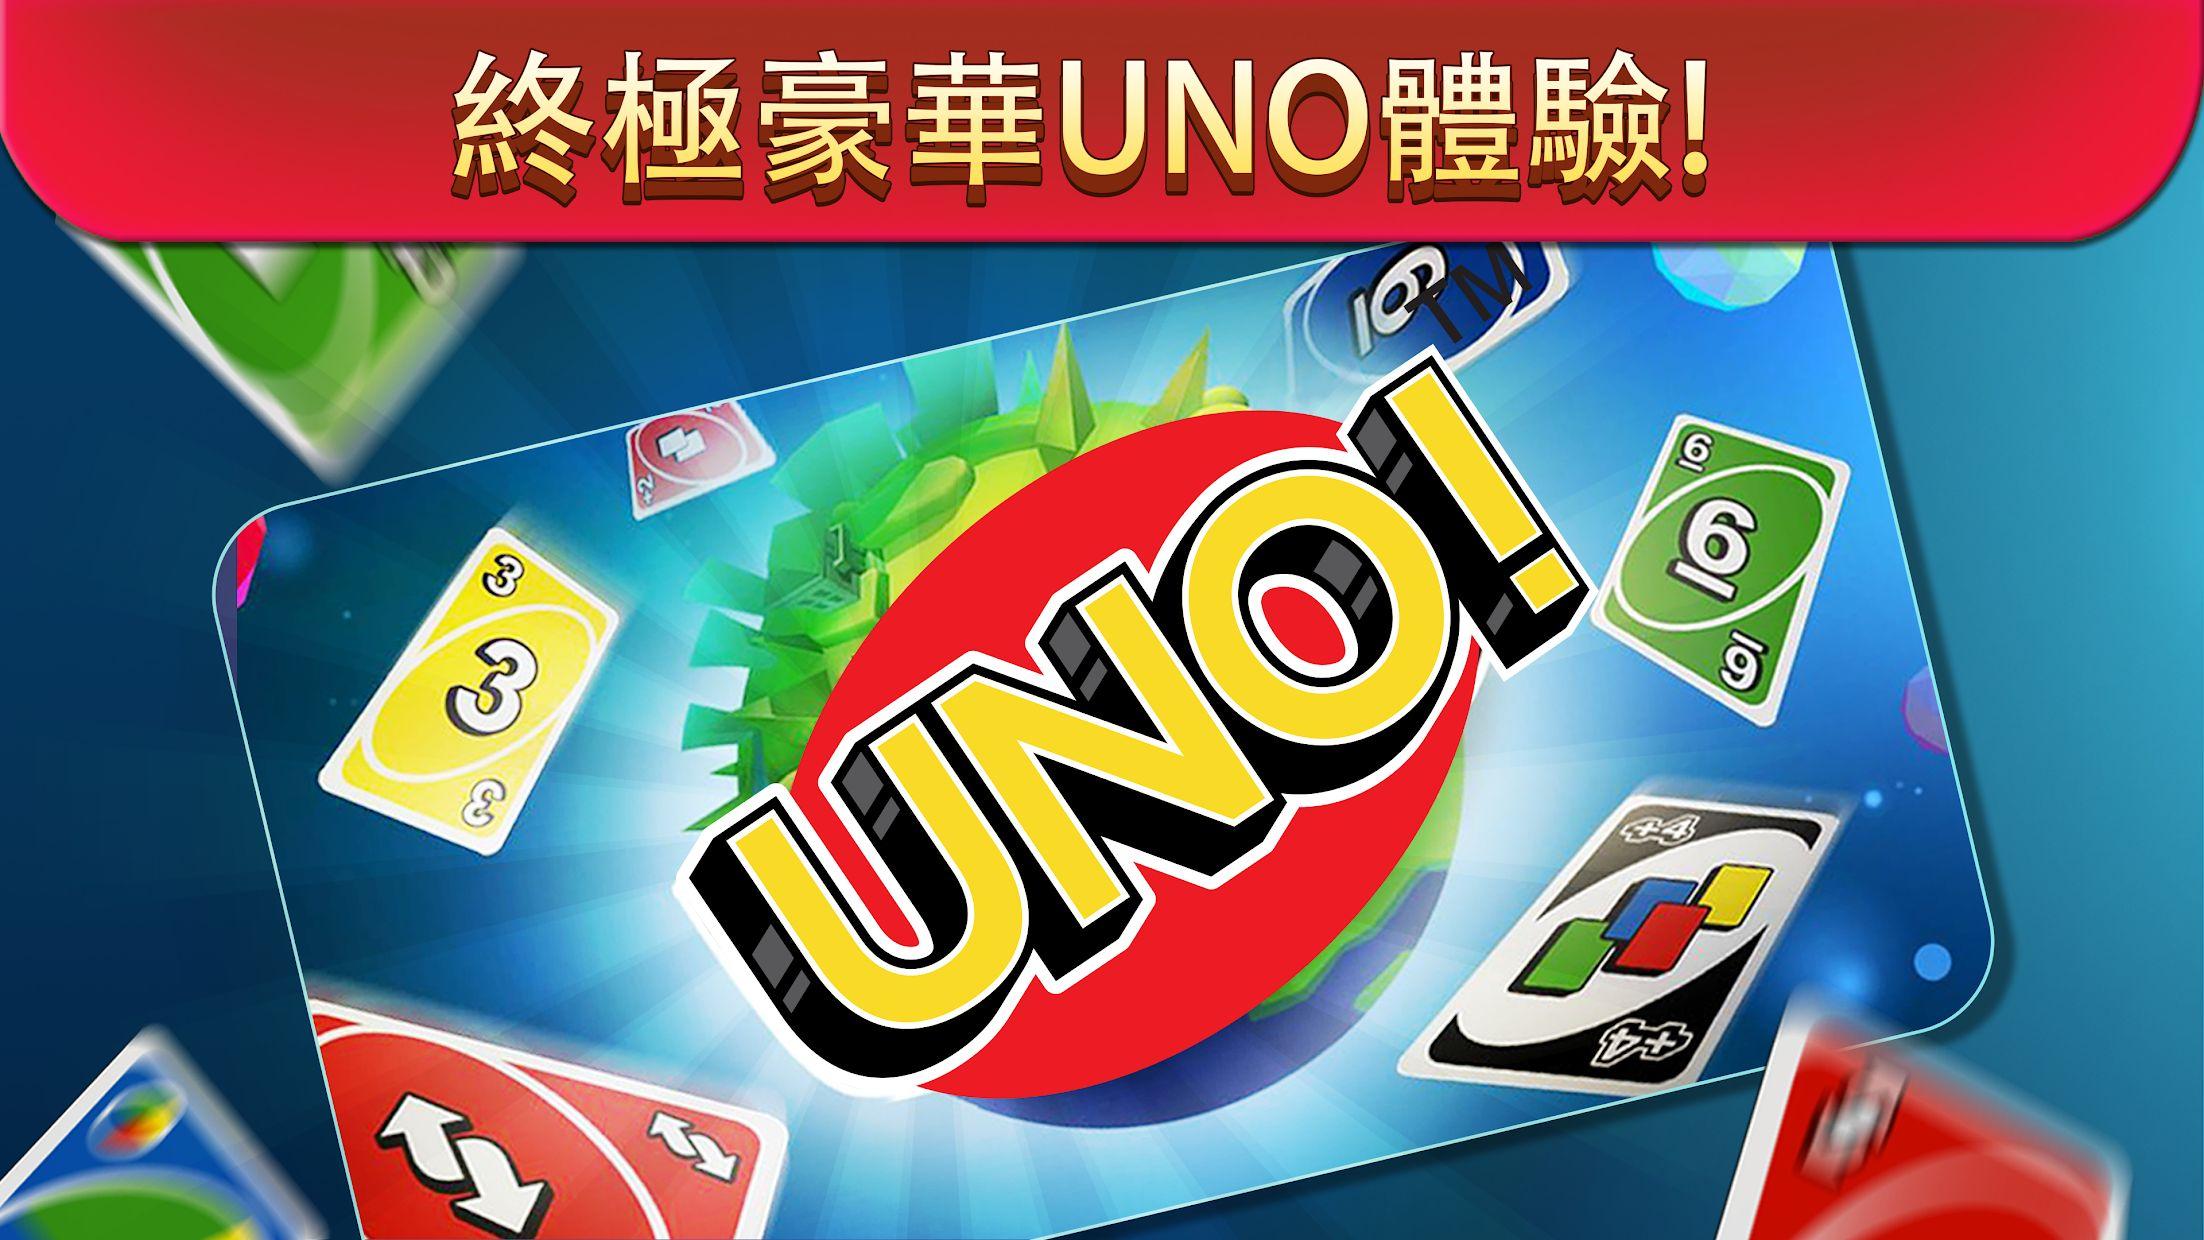 UNO!™(国际服) 游戏截图2